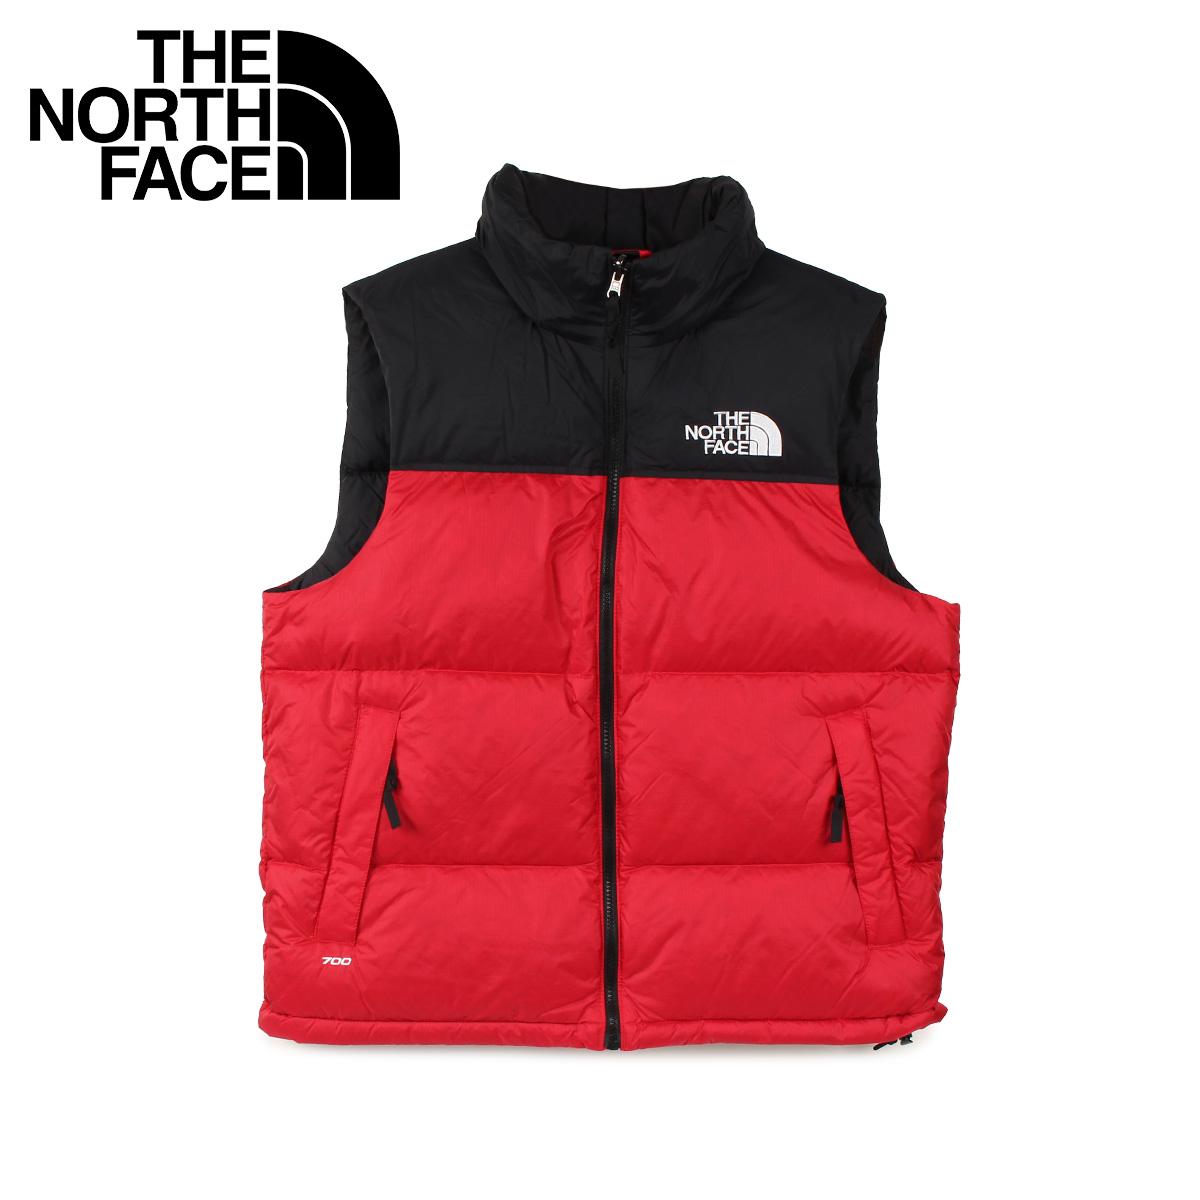 ノースフェイス THE NORTH FACE ダウンベスト ベスト レトロ ヌプシ メンズ 1996 RETRO NUPTSE VEST レッド NF0A3JQQ